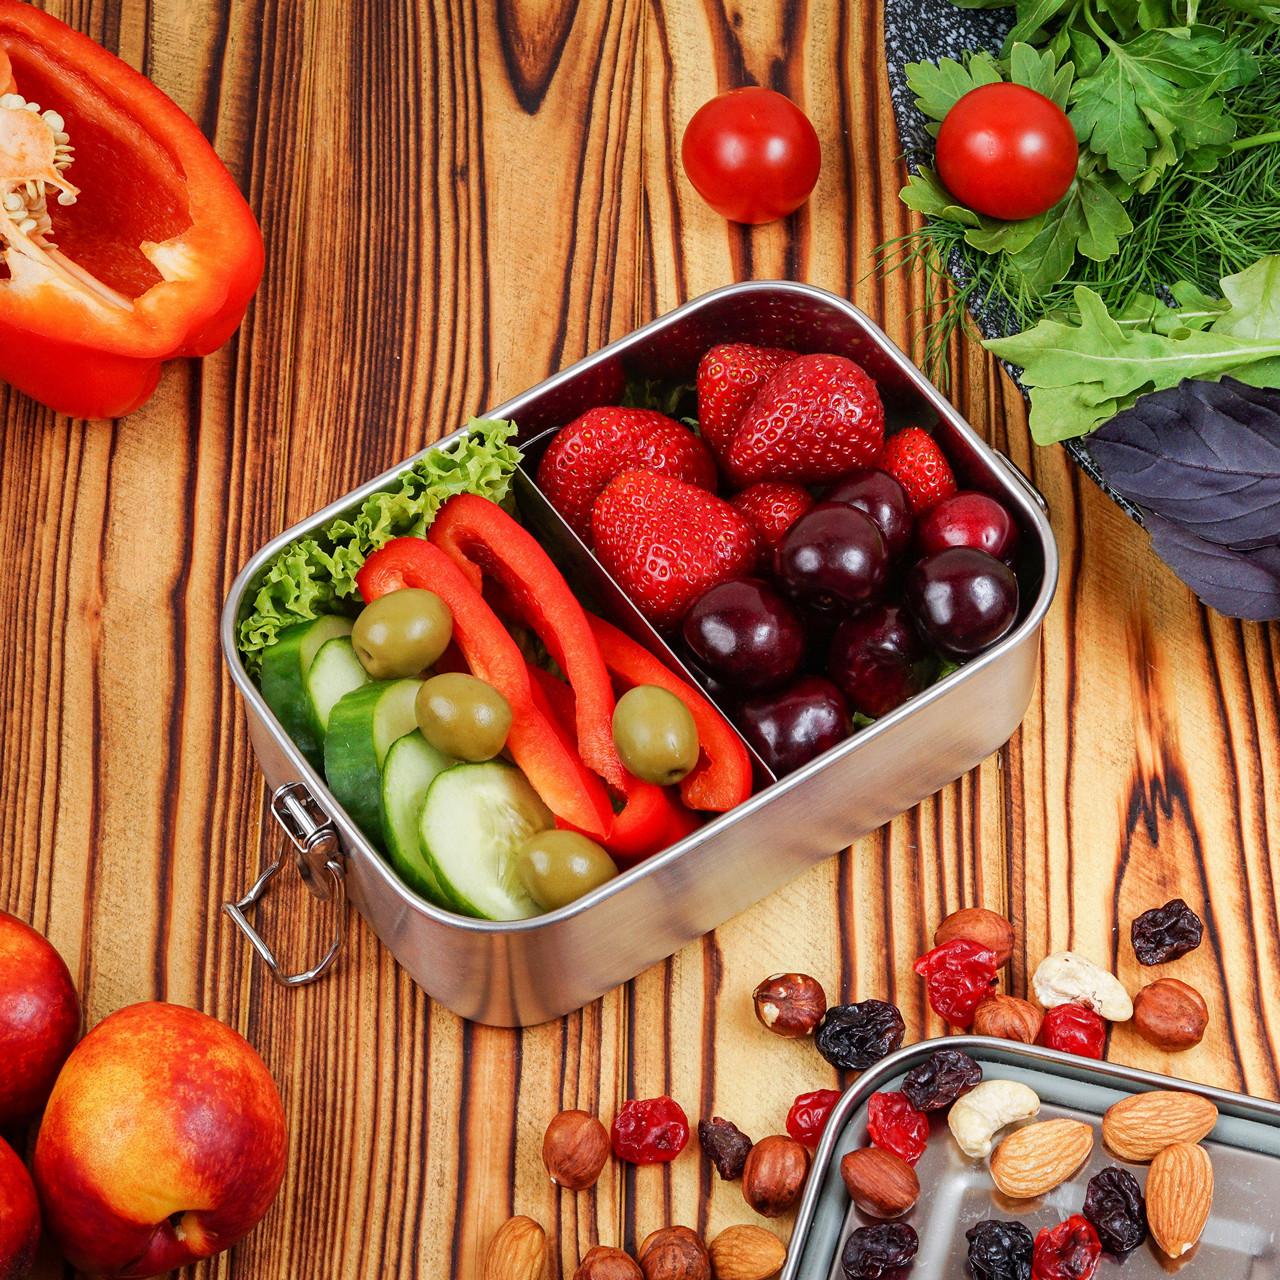 фотосъемка для амазон в Харькове - бок для продуктов - композиция